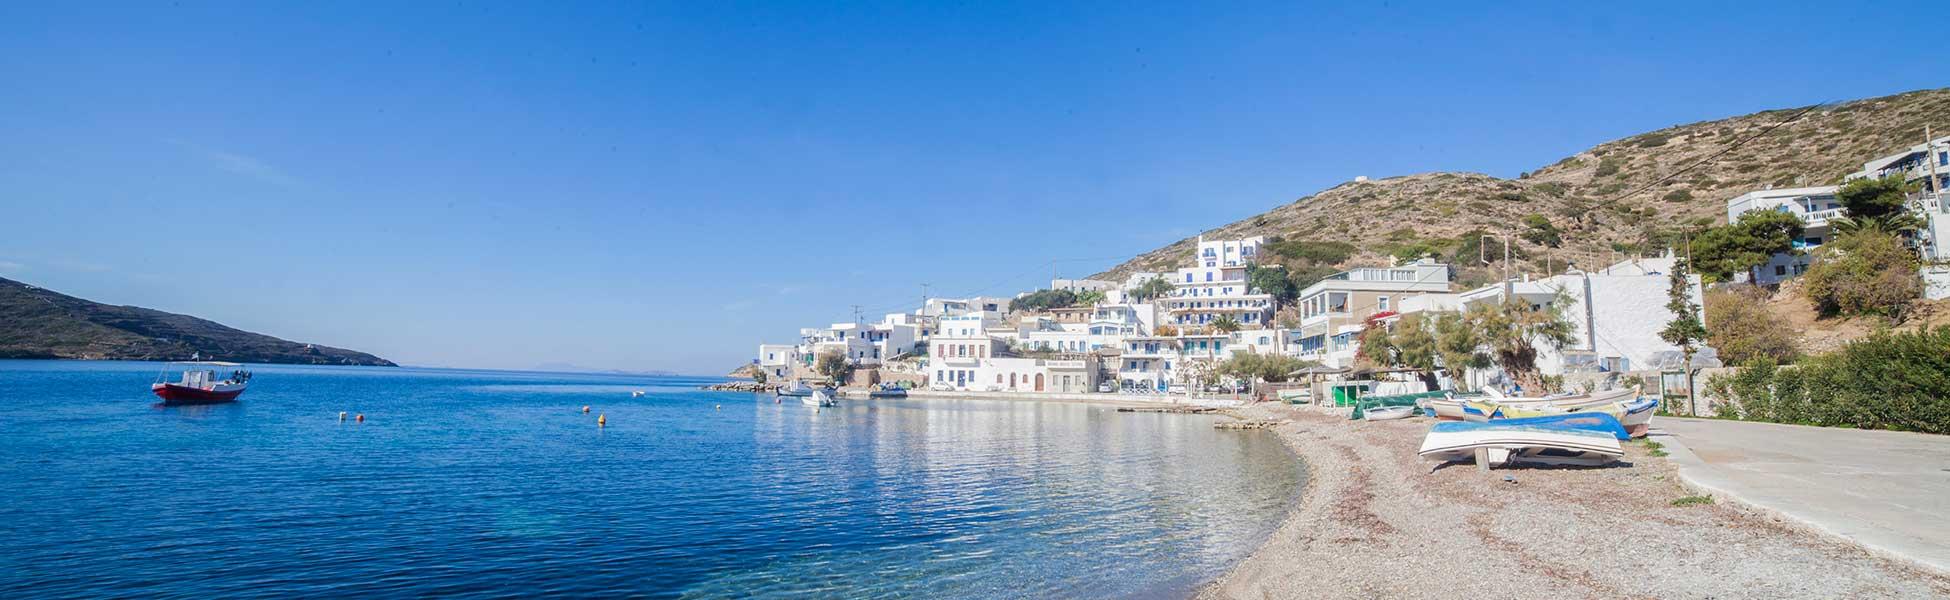 Prices-Municipal-Camping-Amorgos-Katapola-Cyclades-Greece